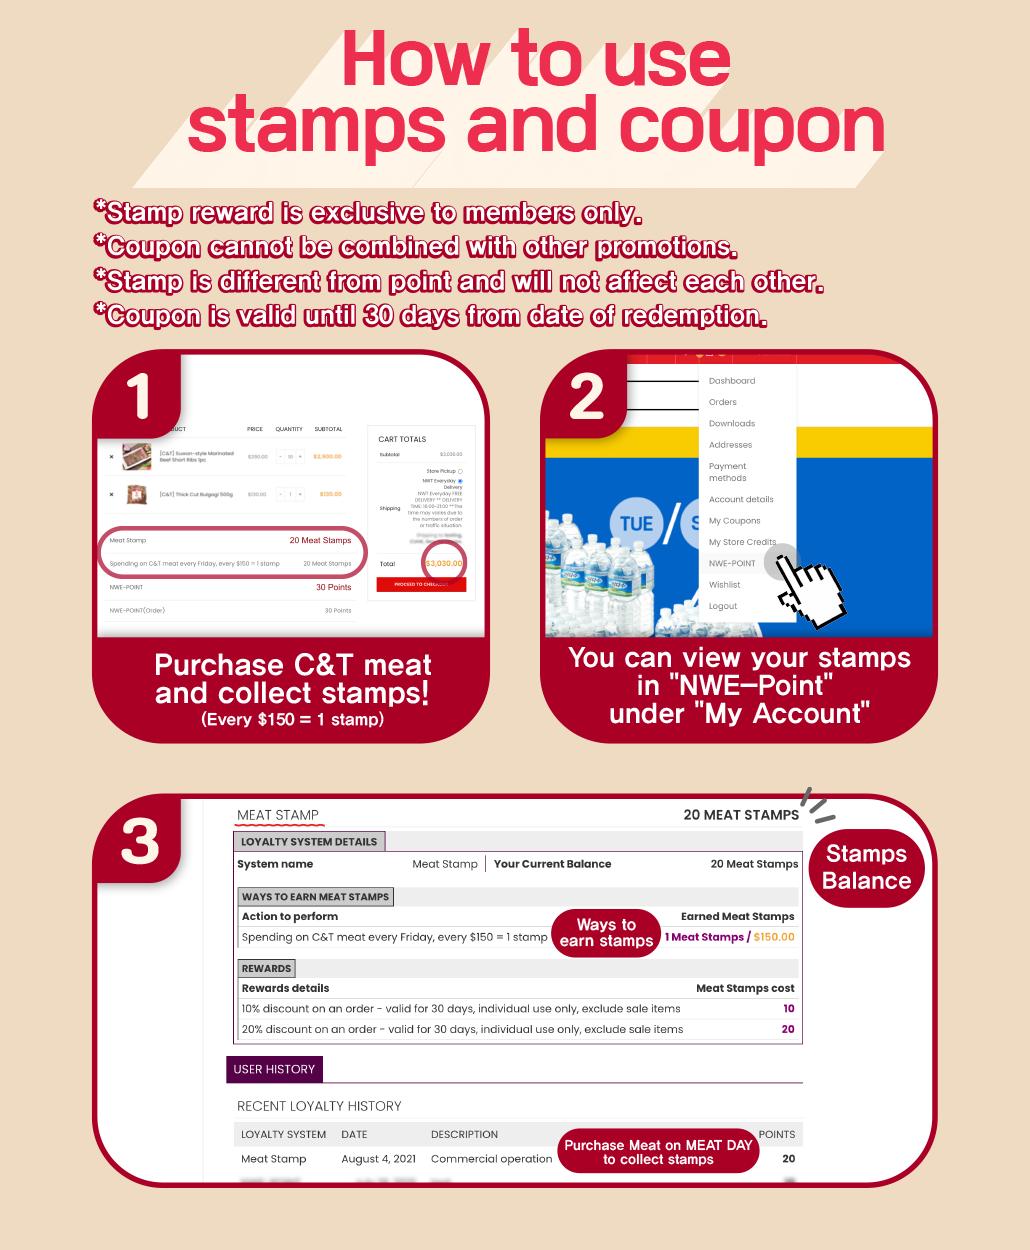 韓國食品-Every Friday is MEAT DAY! - Collect stamps upon spending on C&T meat every Friday and redeem your coupon!